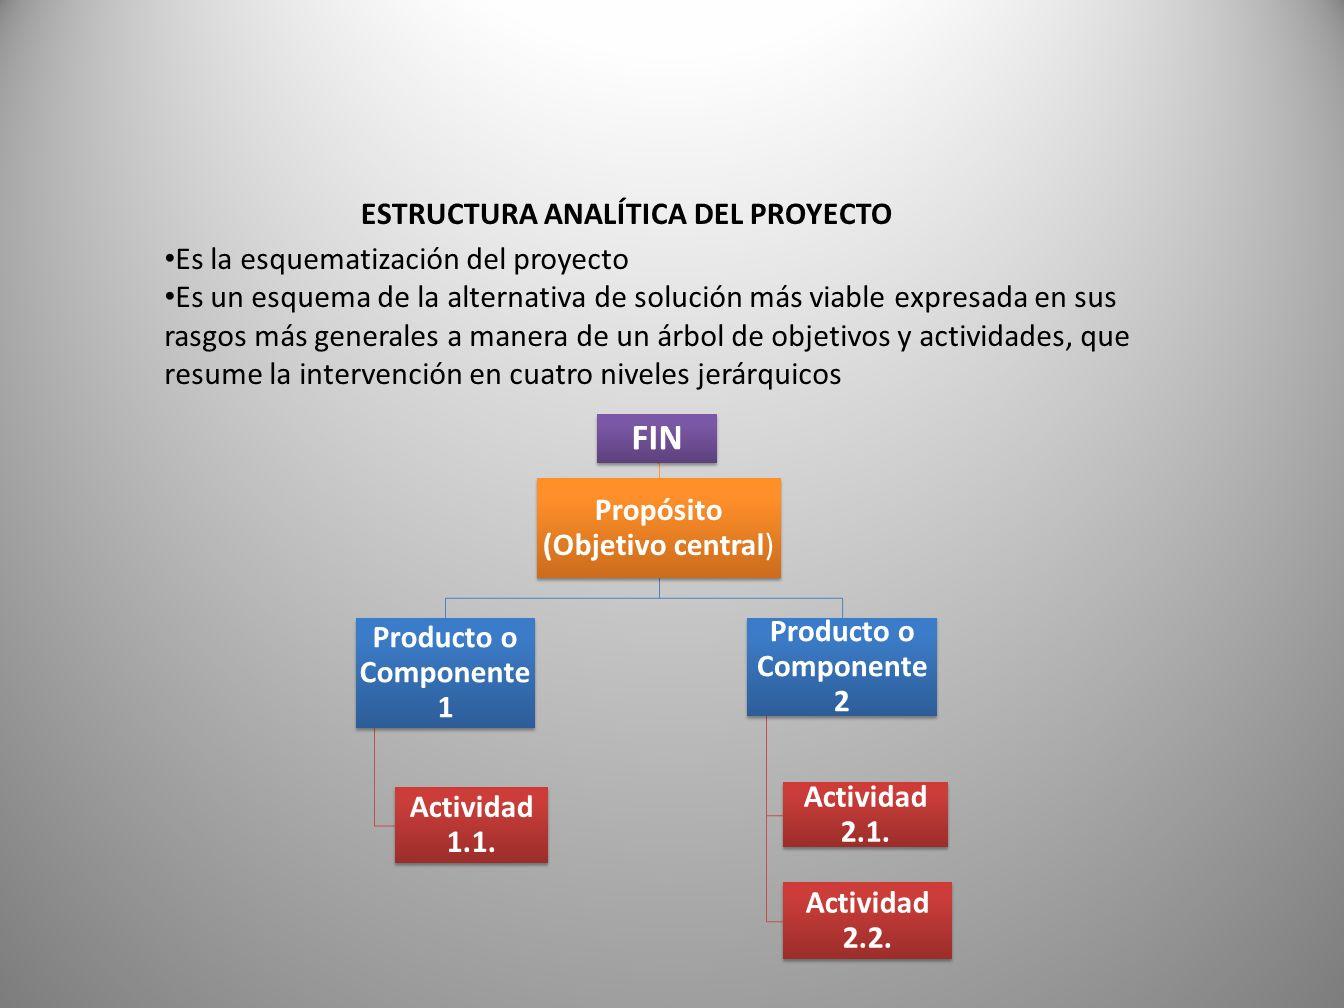 ESTRUCTURA ANALÍTICA DEL PROYECTO Es la esquematización del proyecto Es un esquema de la alternativa de solución más viable expresada en sus rasgos más generales a manera de un árbol de objetivos y actividades, que resume la intervención en cuatro niveles jerárquicos FIN Propósito (Objetivo central) Producto o Componente 1 Actividad 1.1.